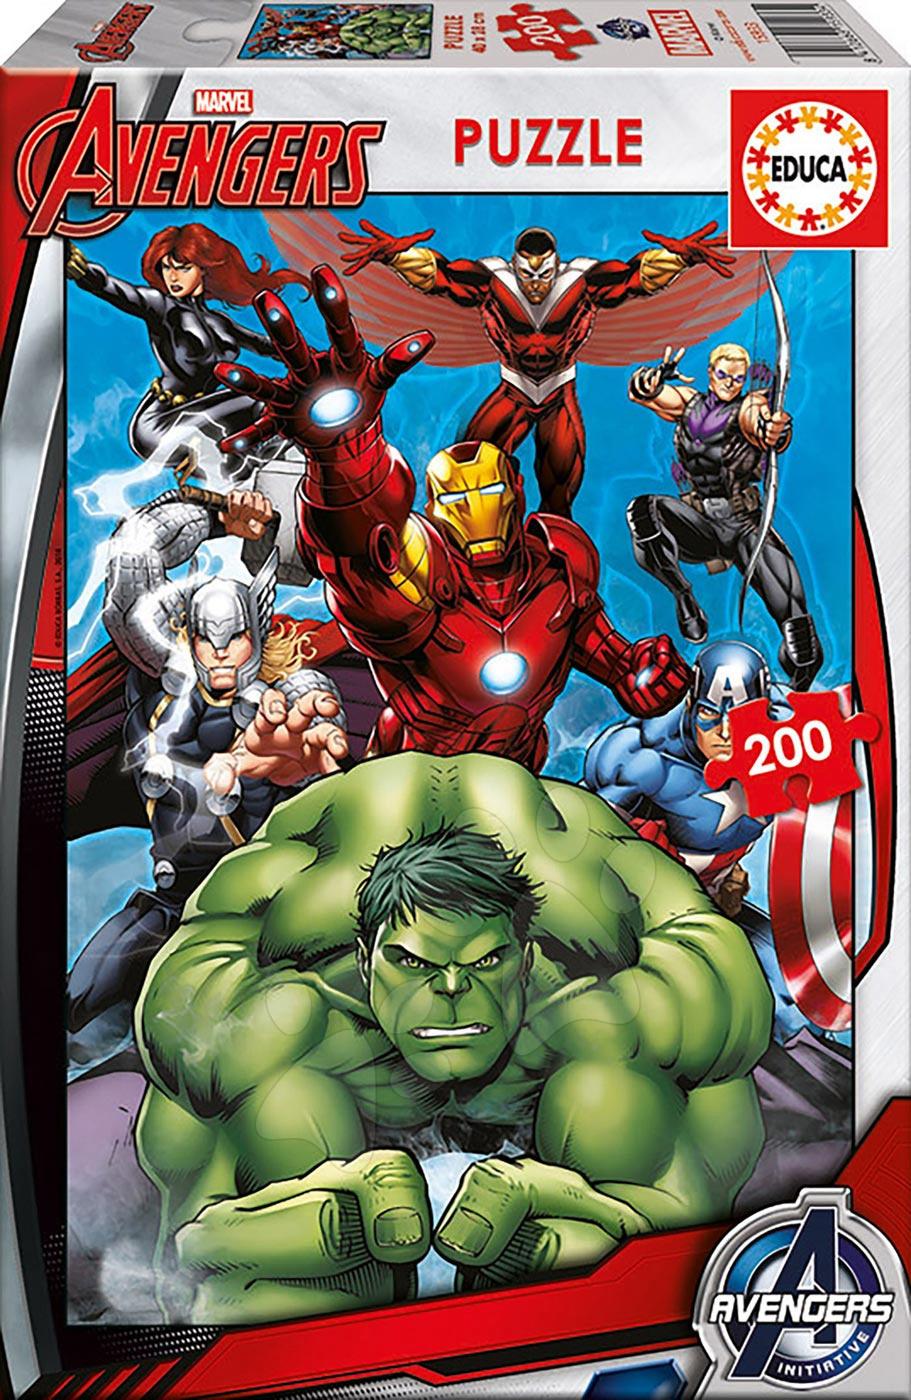 Detské puzzle od 100-300 dielov - Puzzle Avengers Educa 200 dielov od 6 rokov